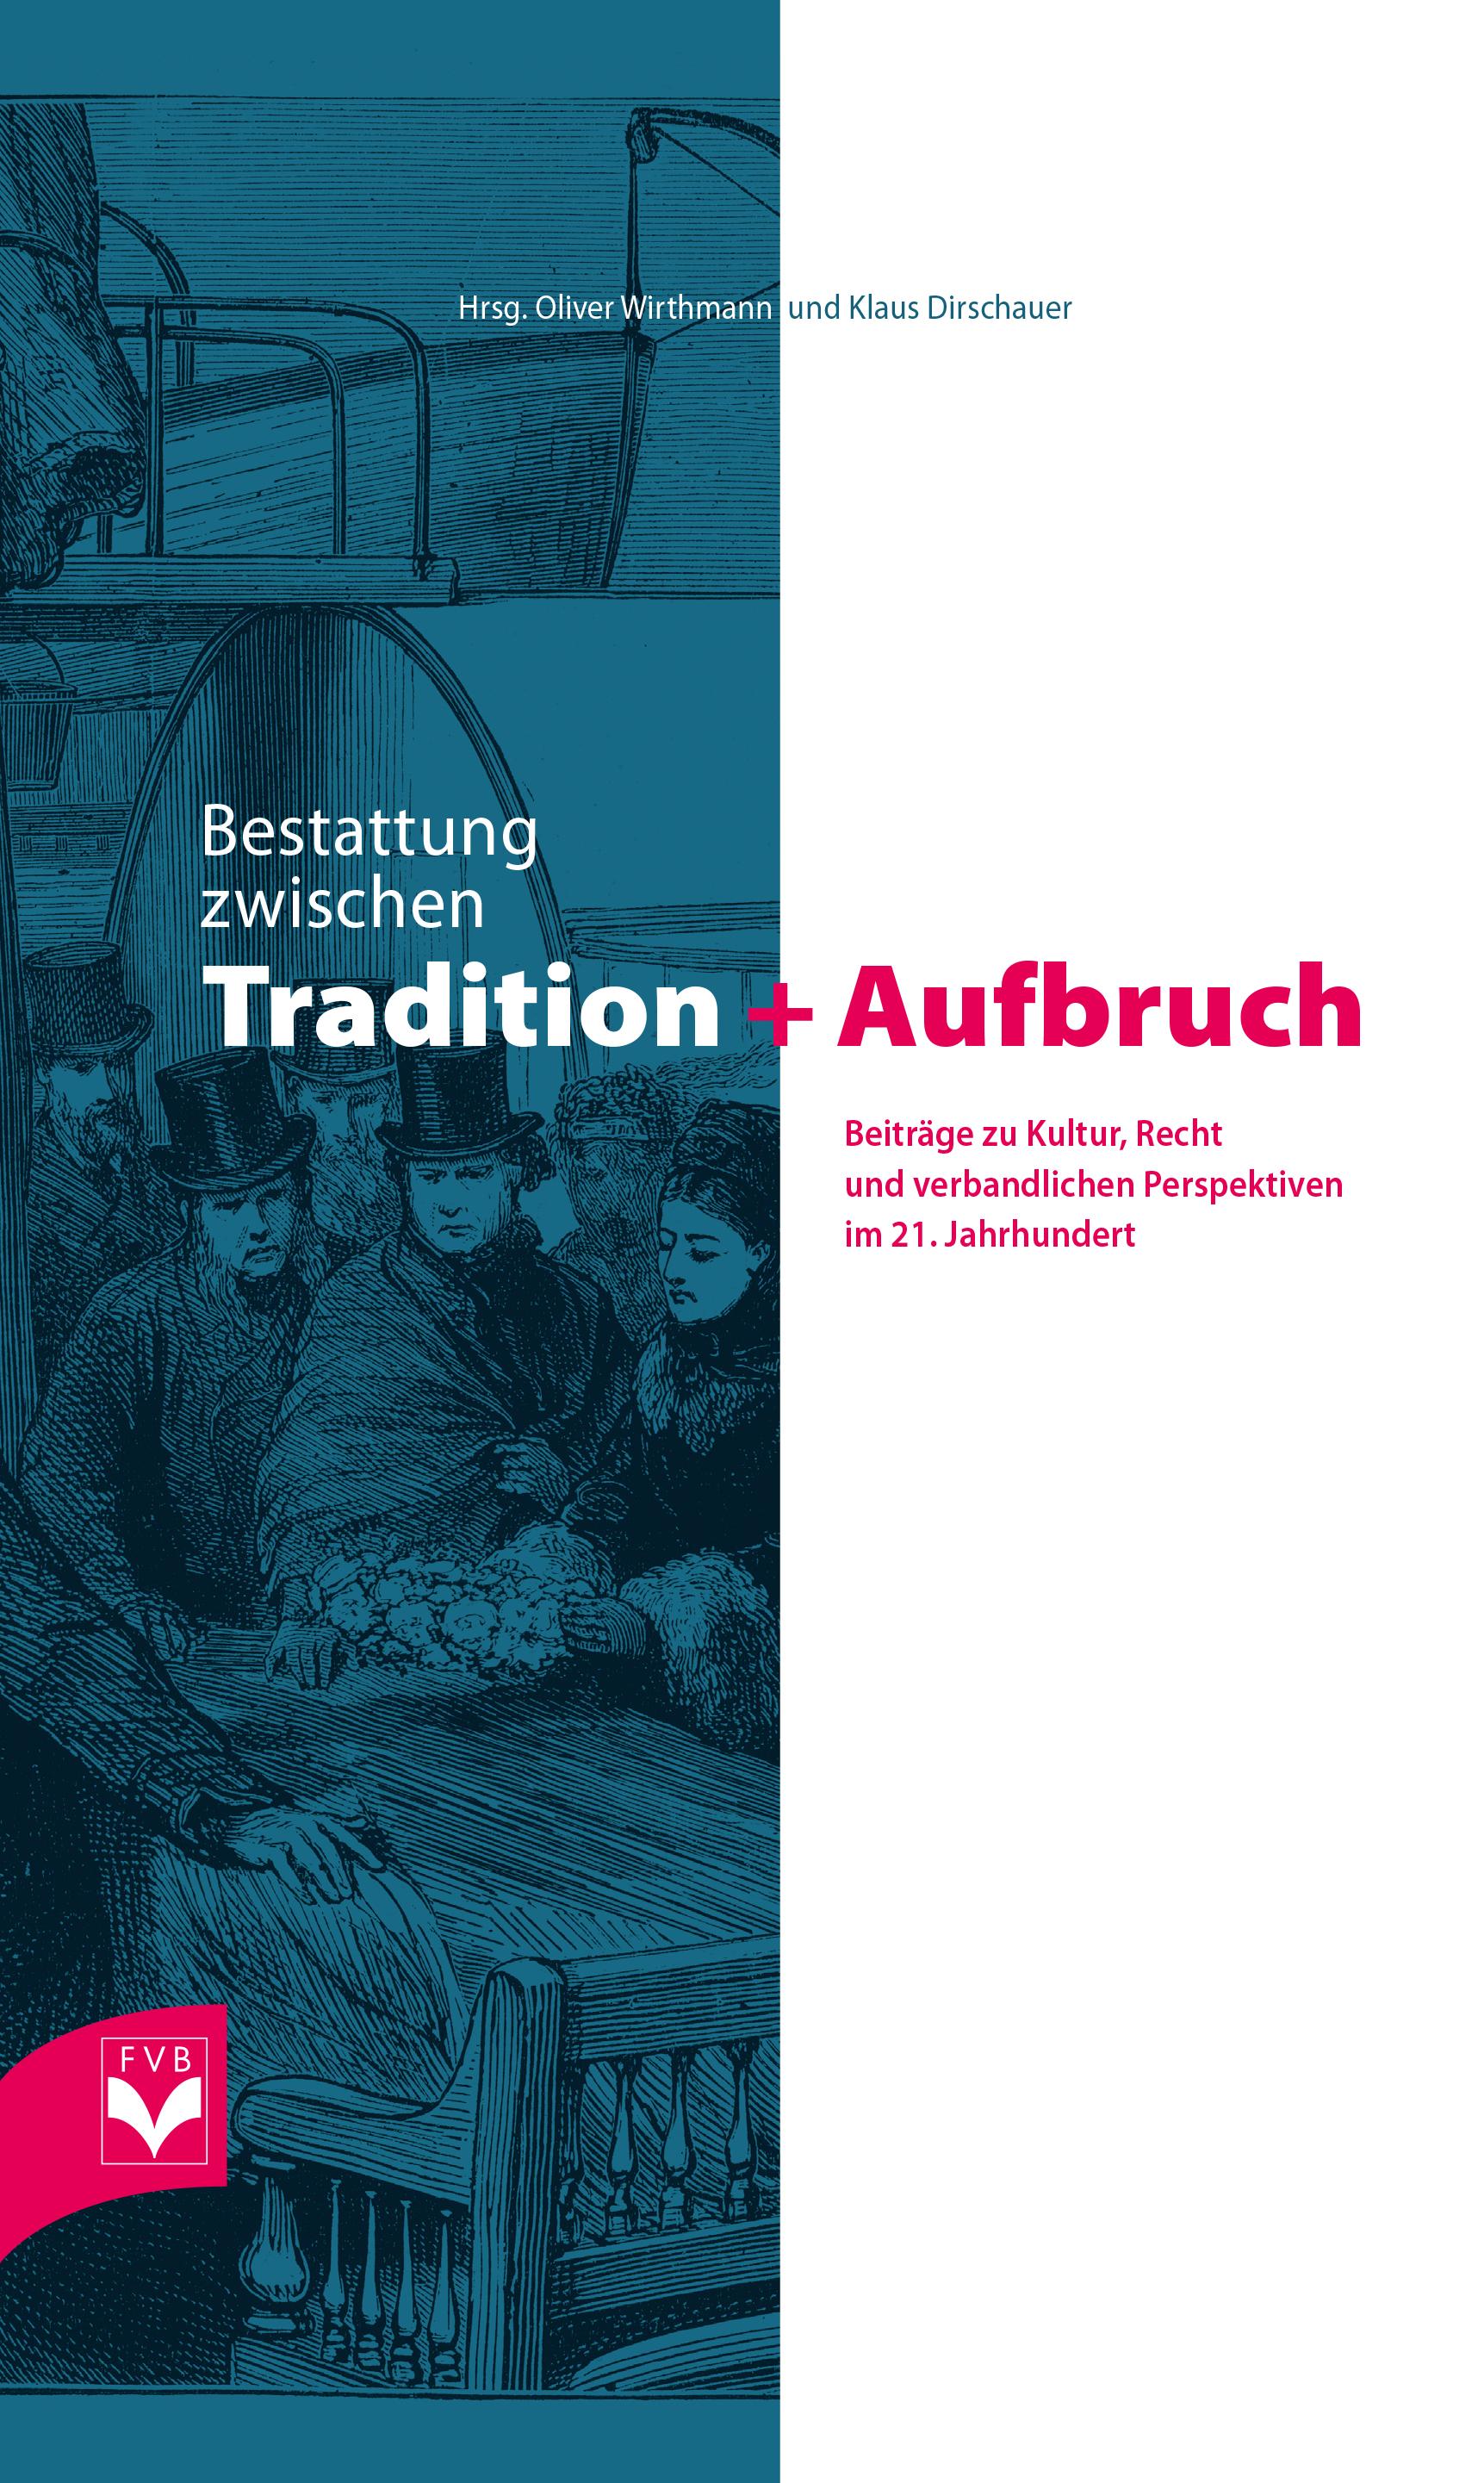 Bestattung zwischen Tradition und Aufbruch